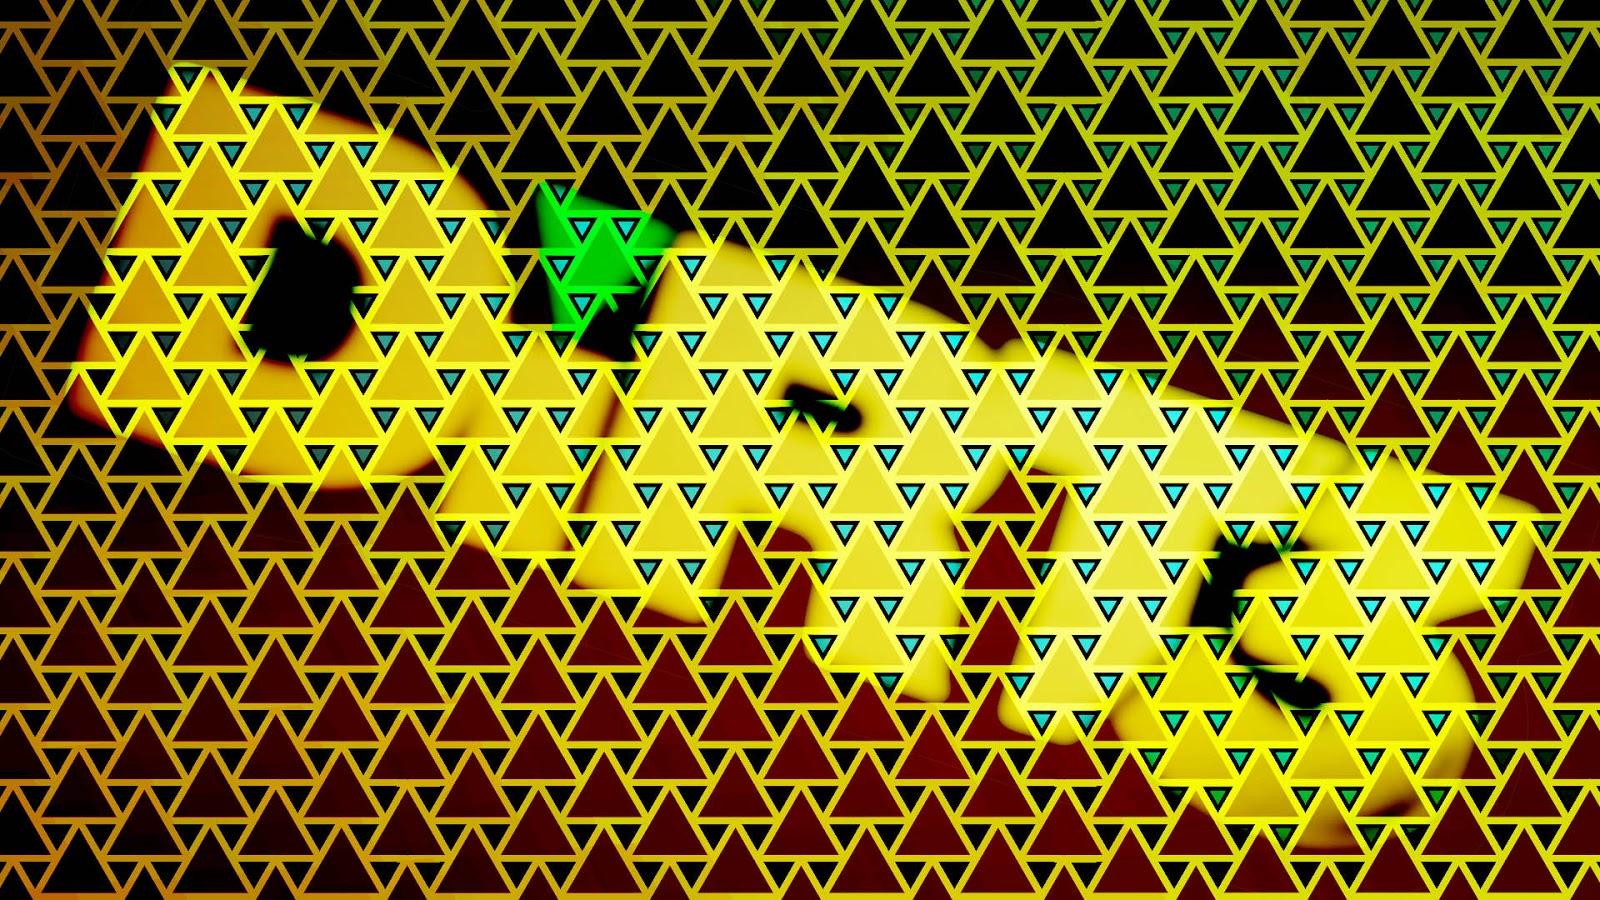 http://1.bp.blogspot.com/-NKjgl23aMAI/UNVh_bMolcI/AAAAAAAAAfs/z_TA1FMfXaQ/s1600/wallpaper_dirt_3_black_by_cahilart-d3l47s2.jpg